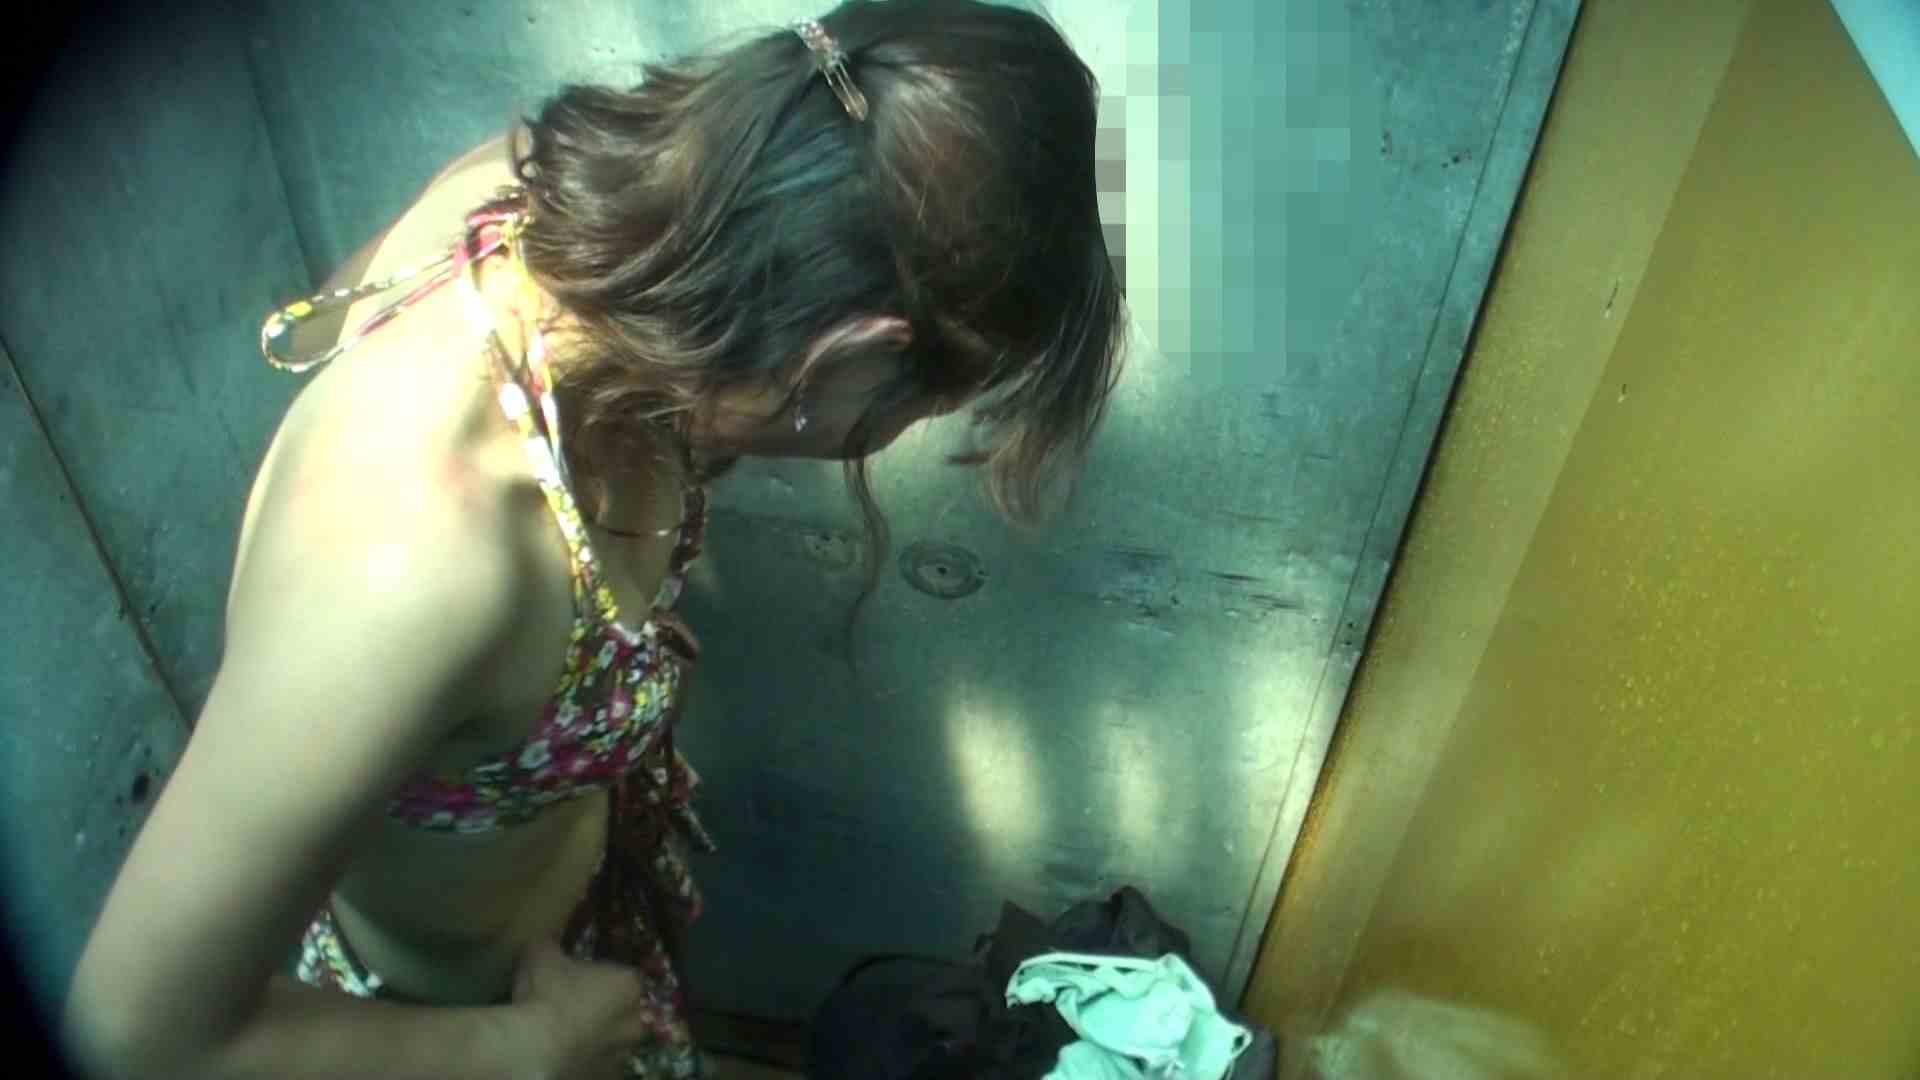 シャワールームは超!!危険な香りVol.16 意外に乳首は年増のそれ 乳首  61pic 32